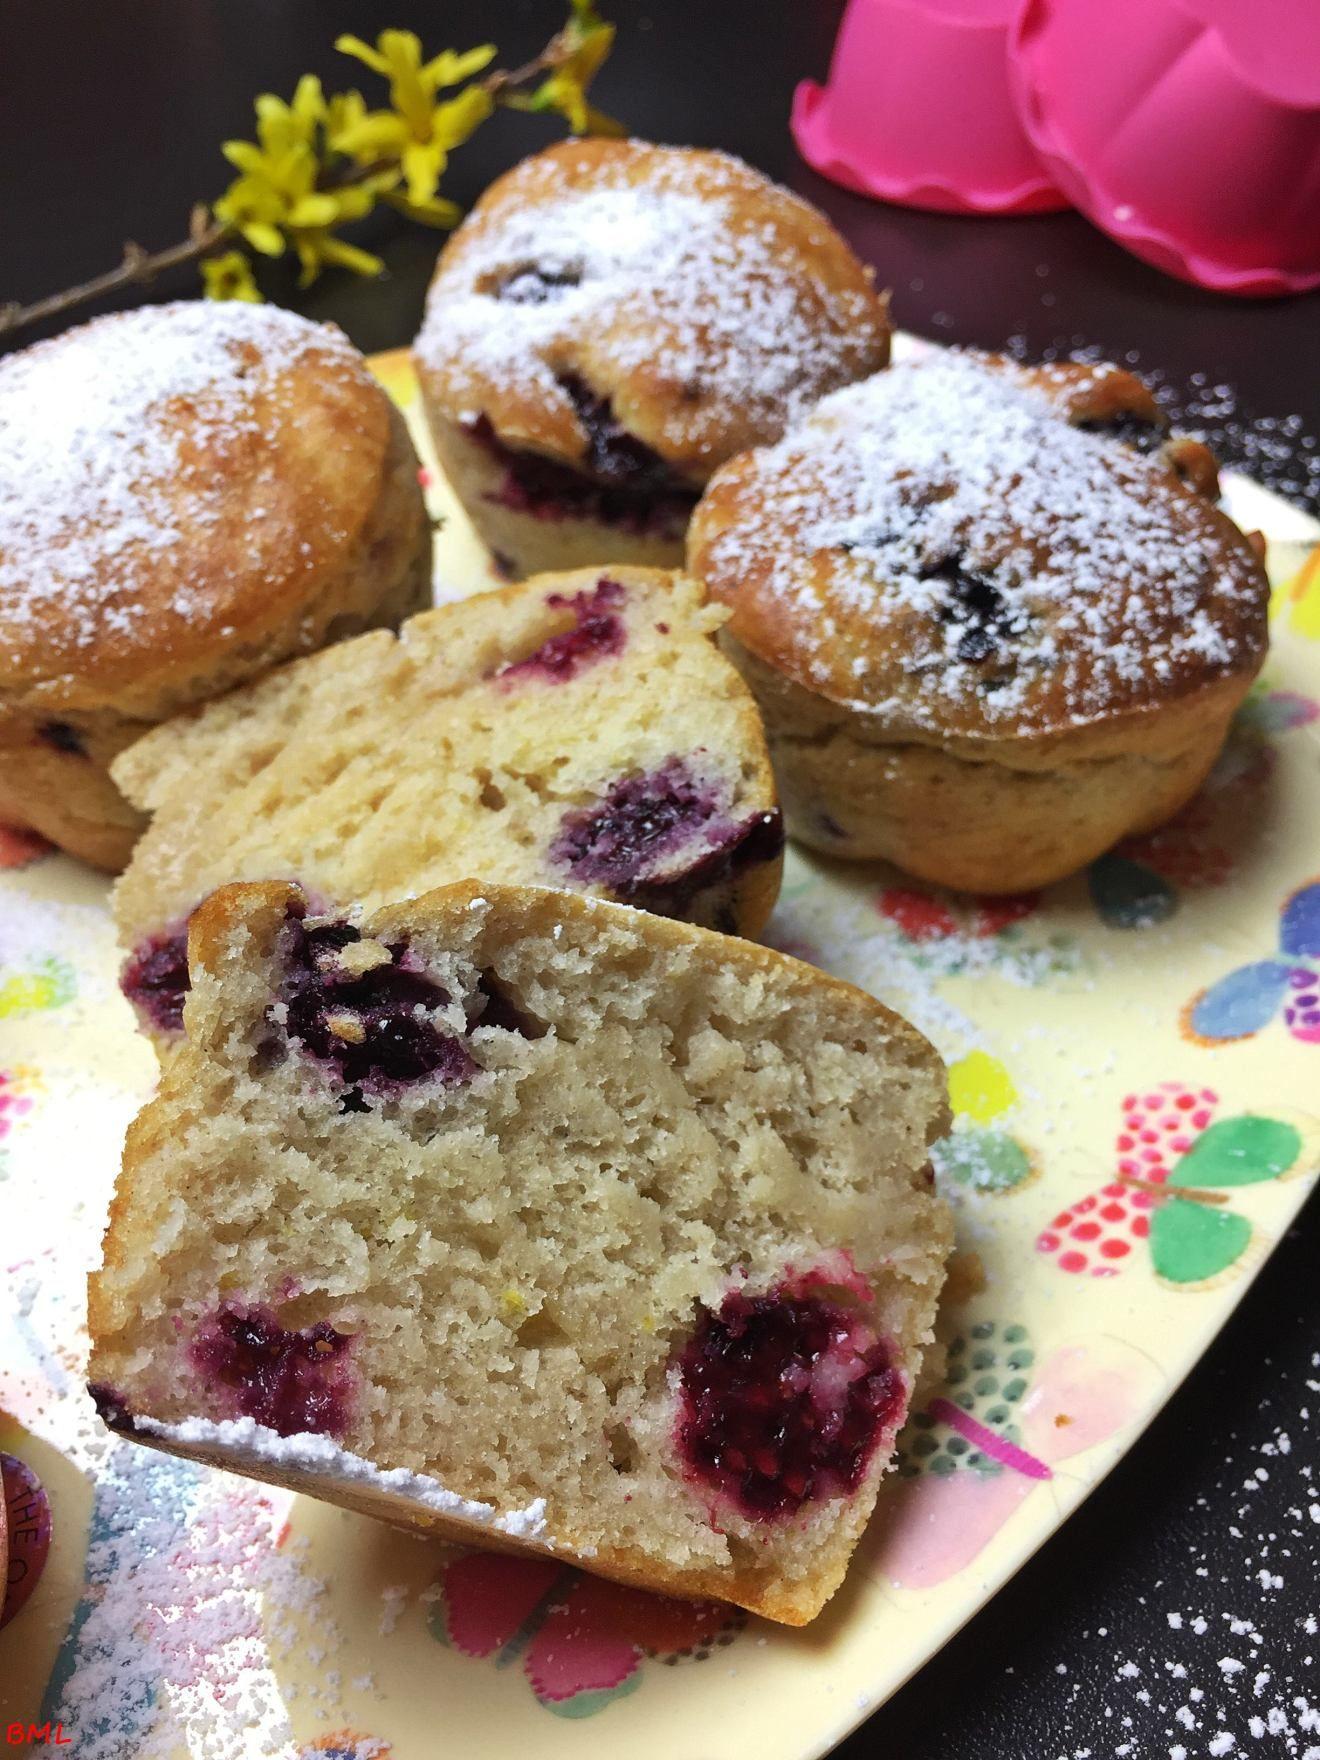 Brombeer-Joghurt-Muffins aus dem Airfryer…für den schnellen Kuchenhunger